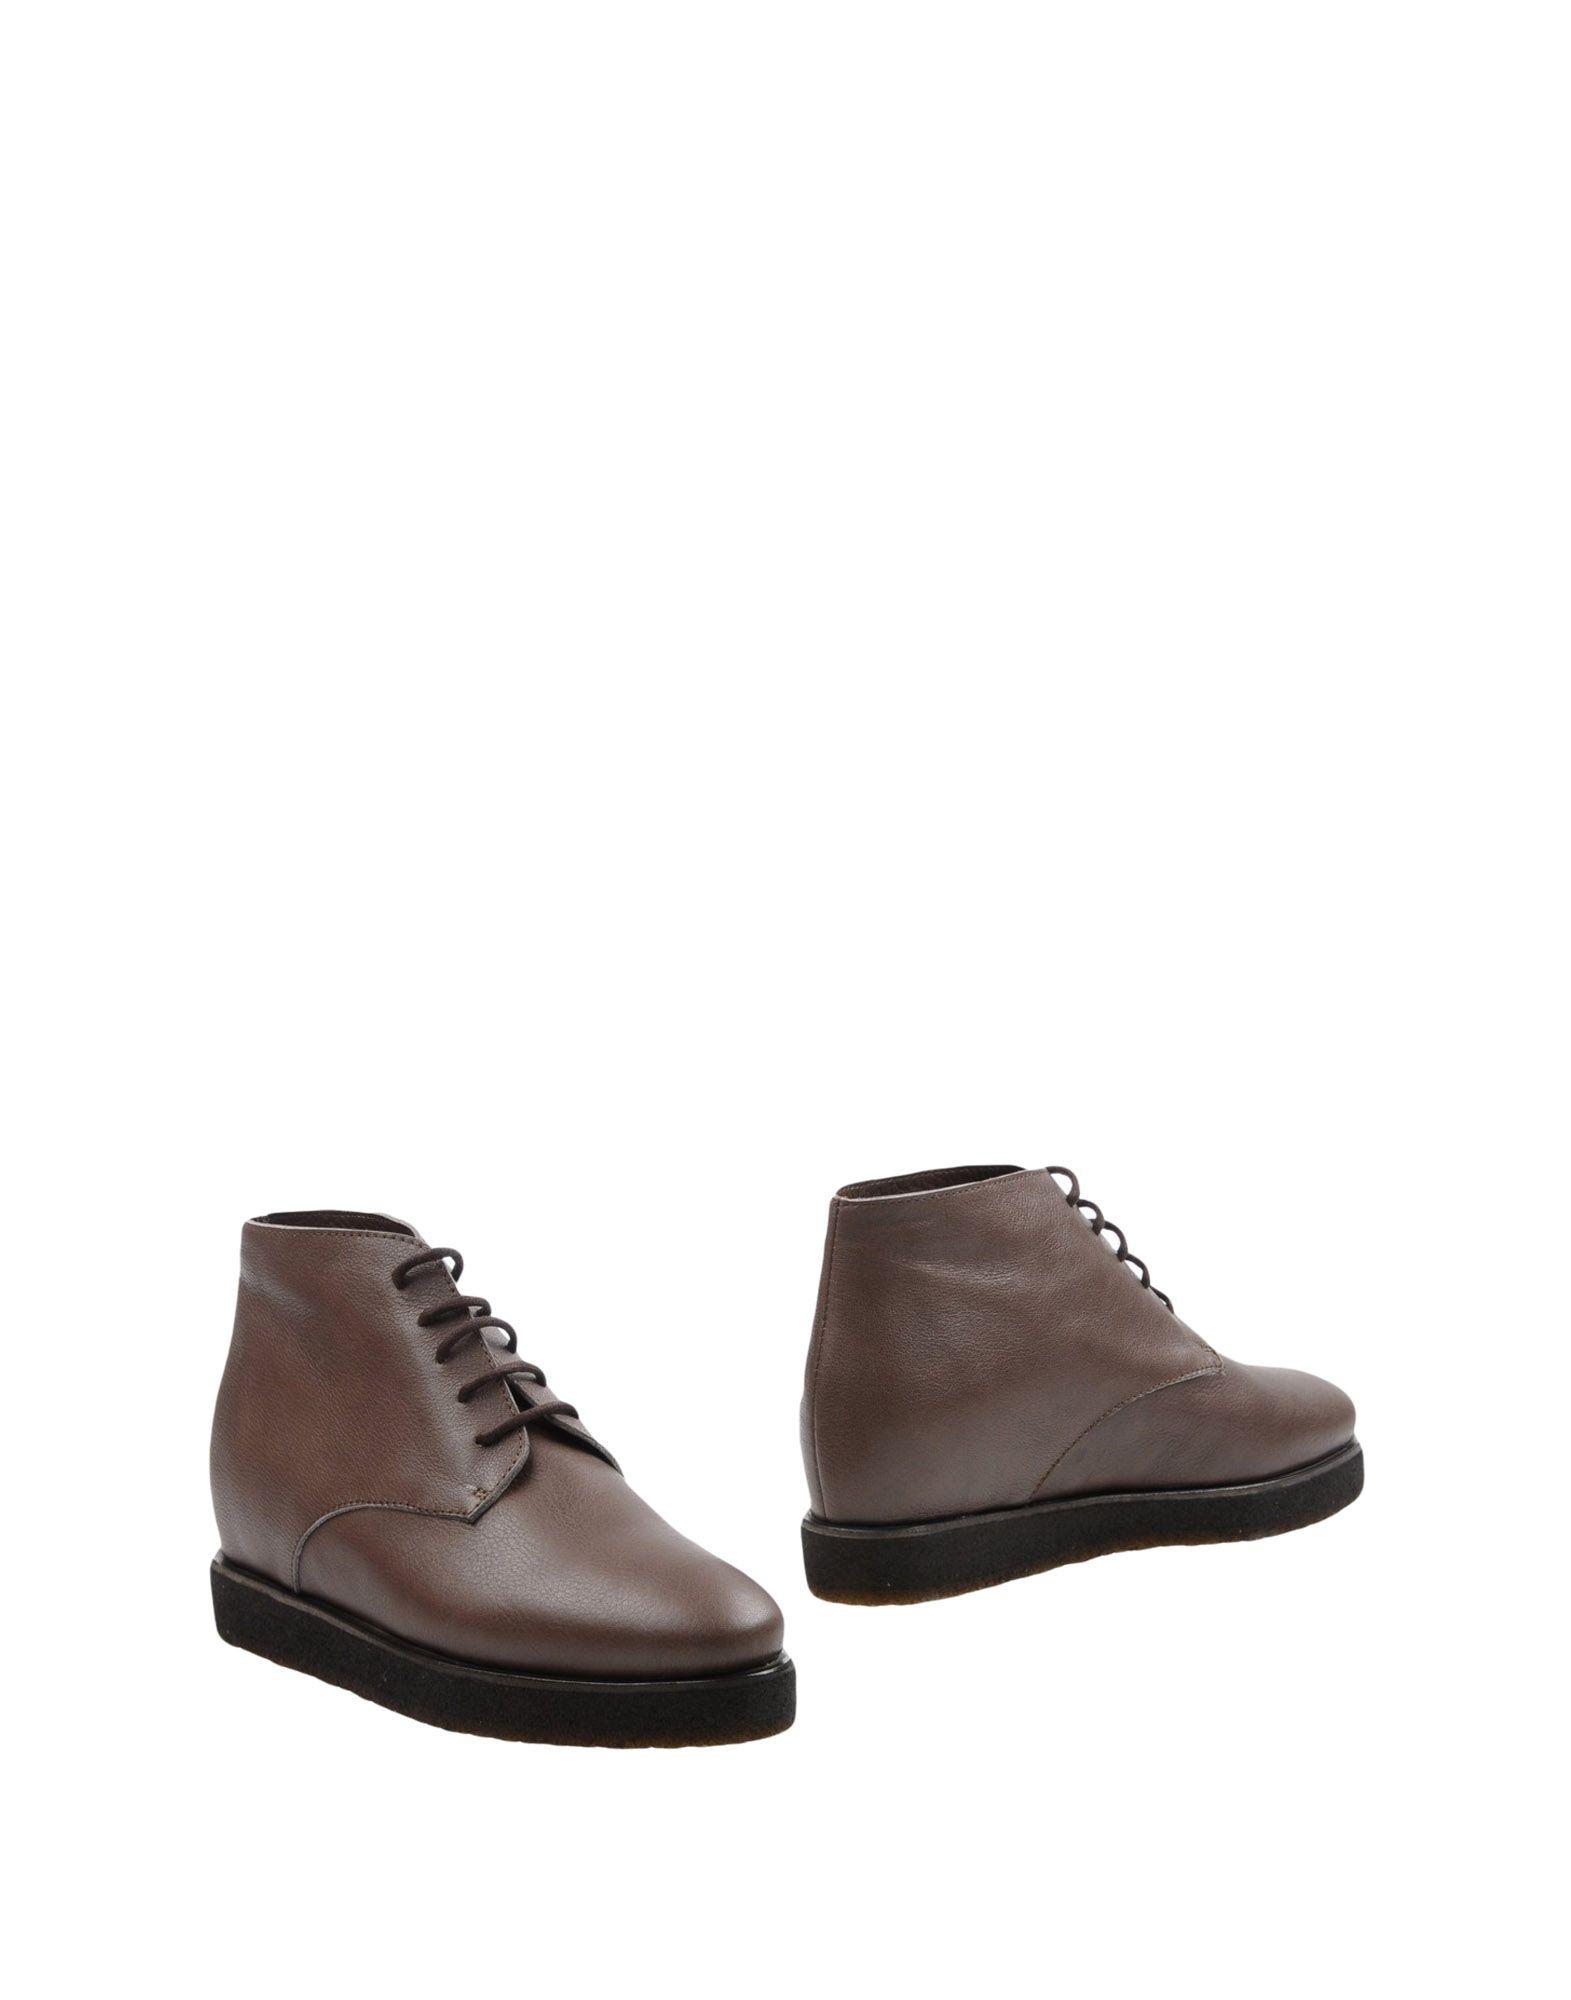 Roberto Del Carlo Stiefelette Damen  11307311LV Gute Qualität beliebte Schuhe